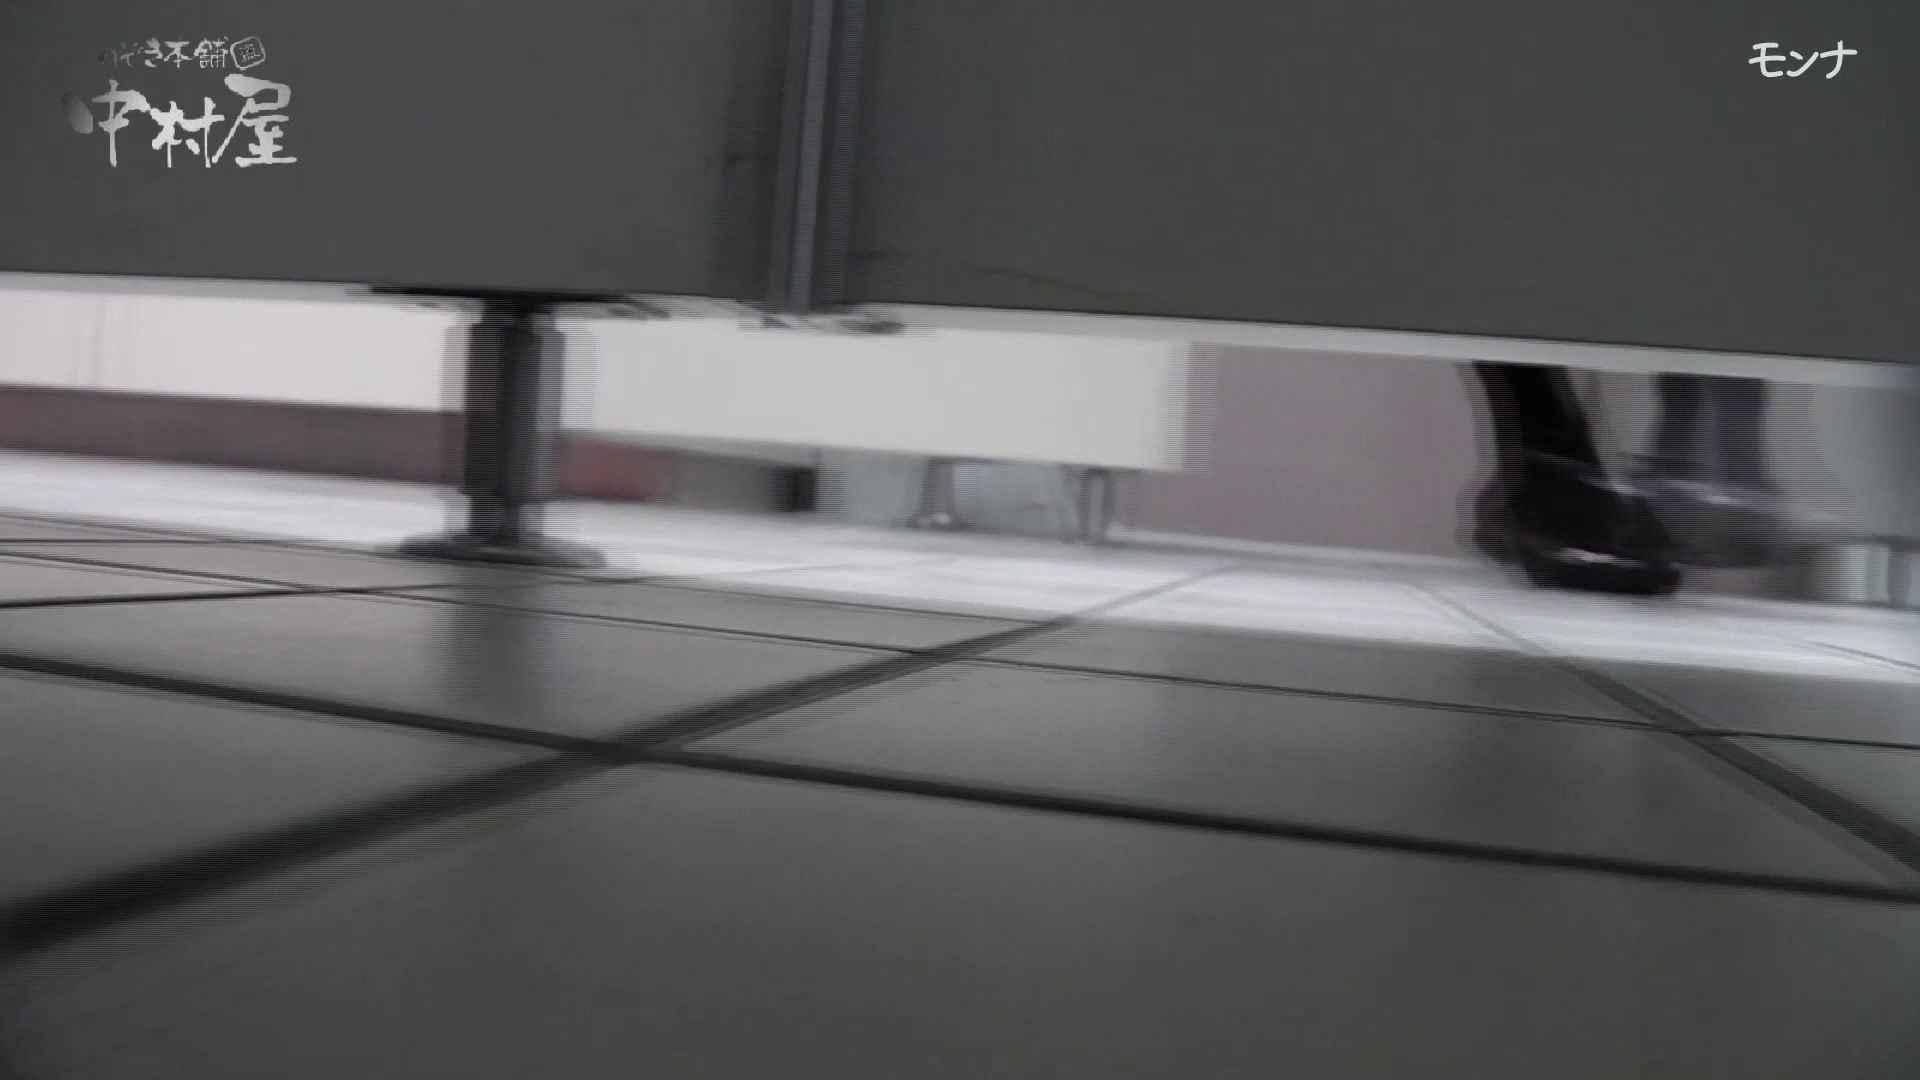 無料アダルト動画:美しい日本の未来 No.48 セールしようかなあ^^後編:のぞき本舗 中村屋